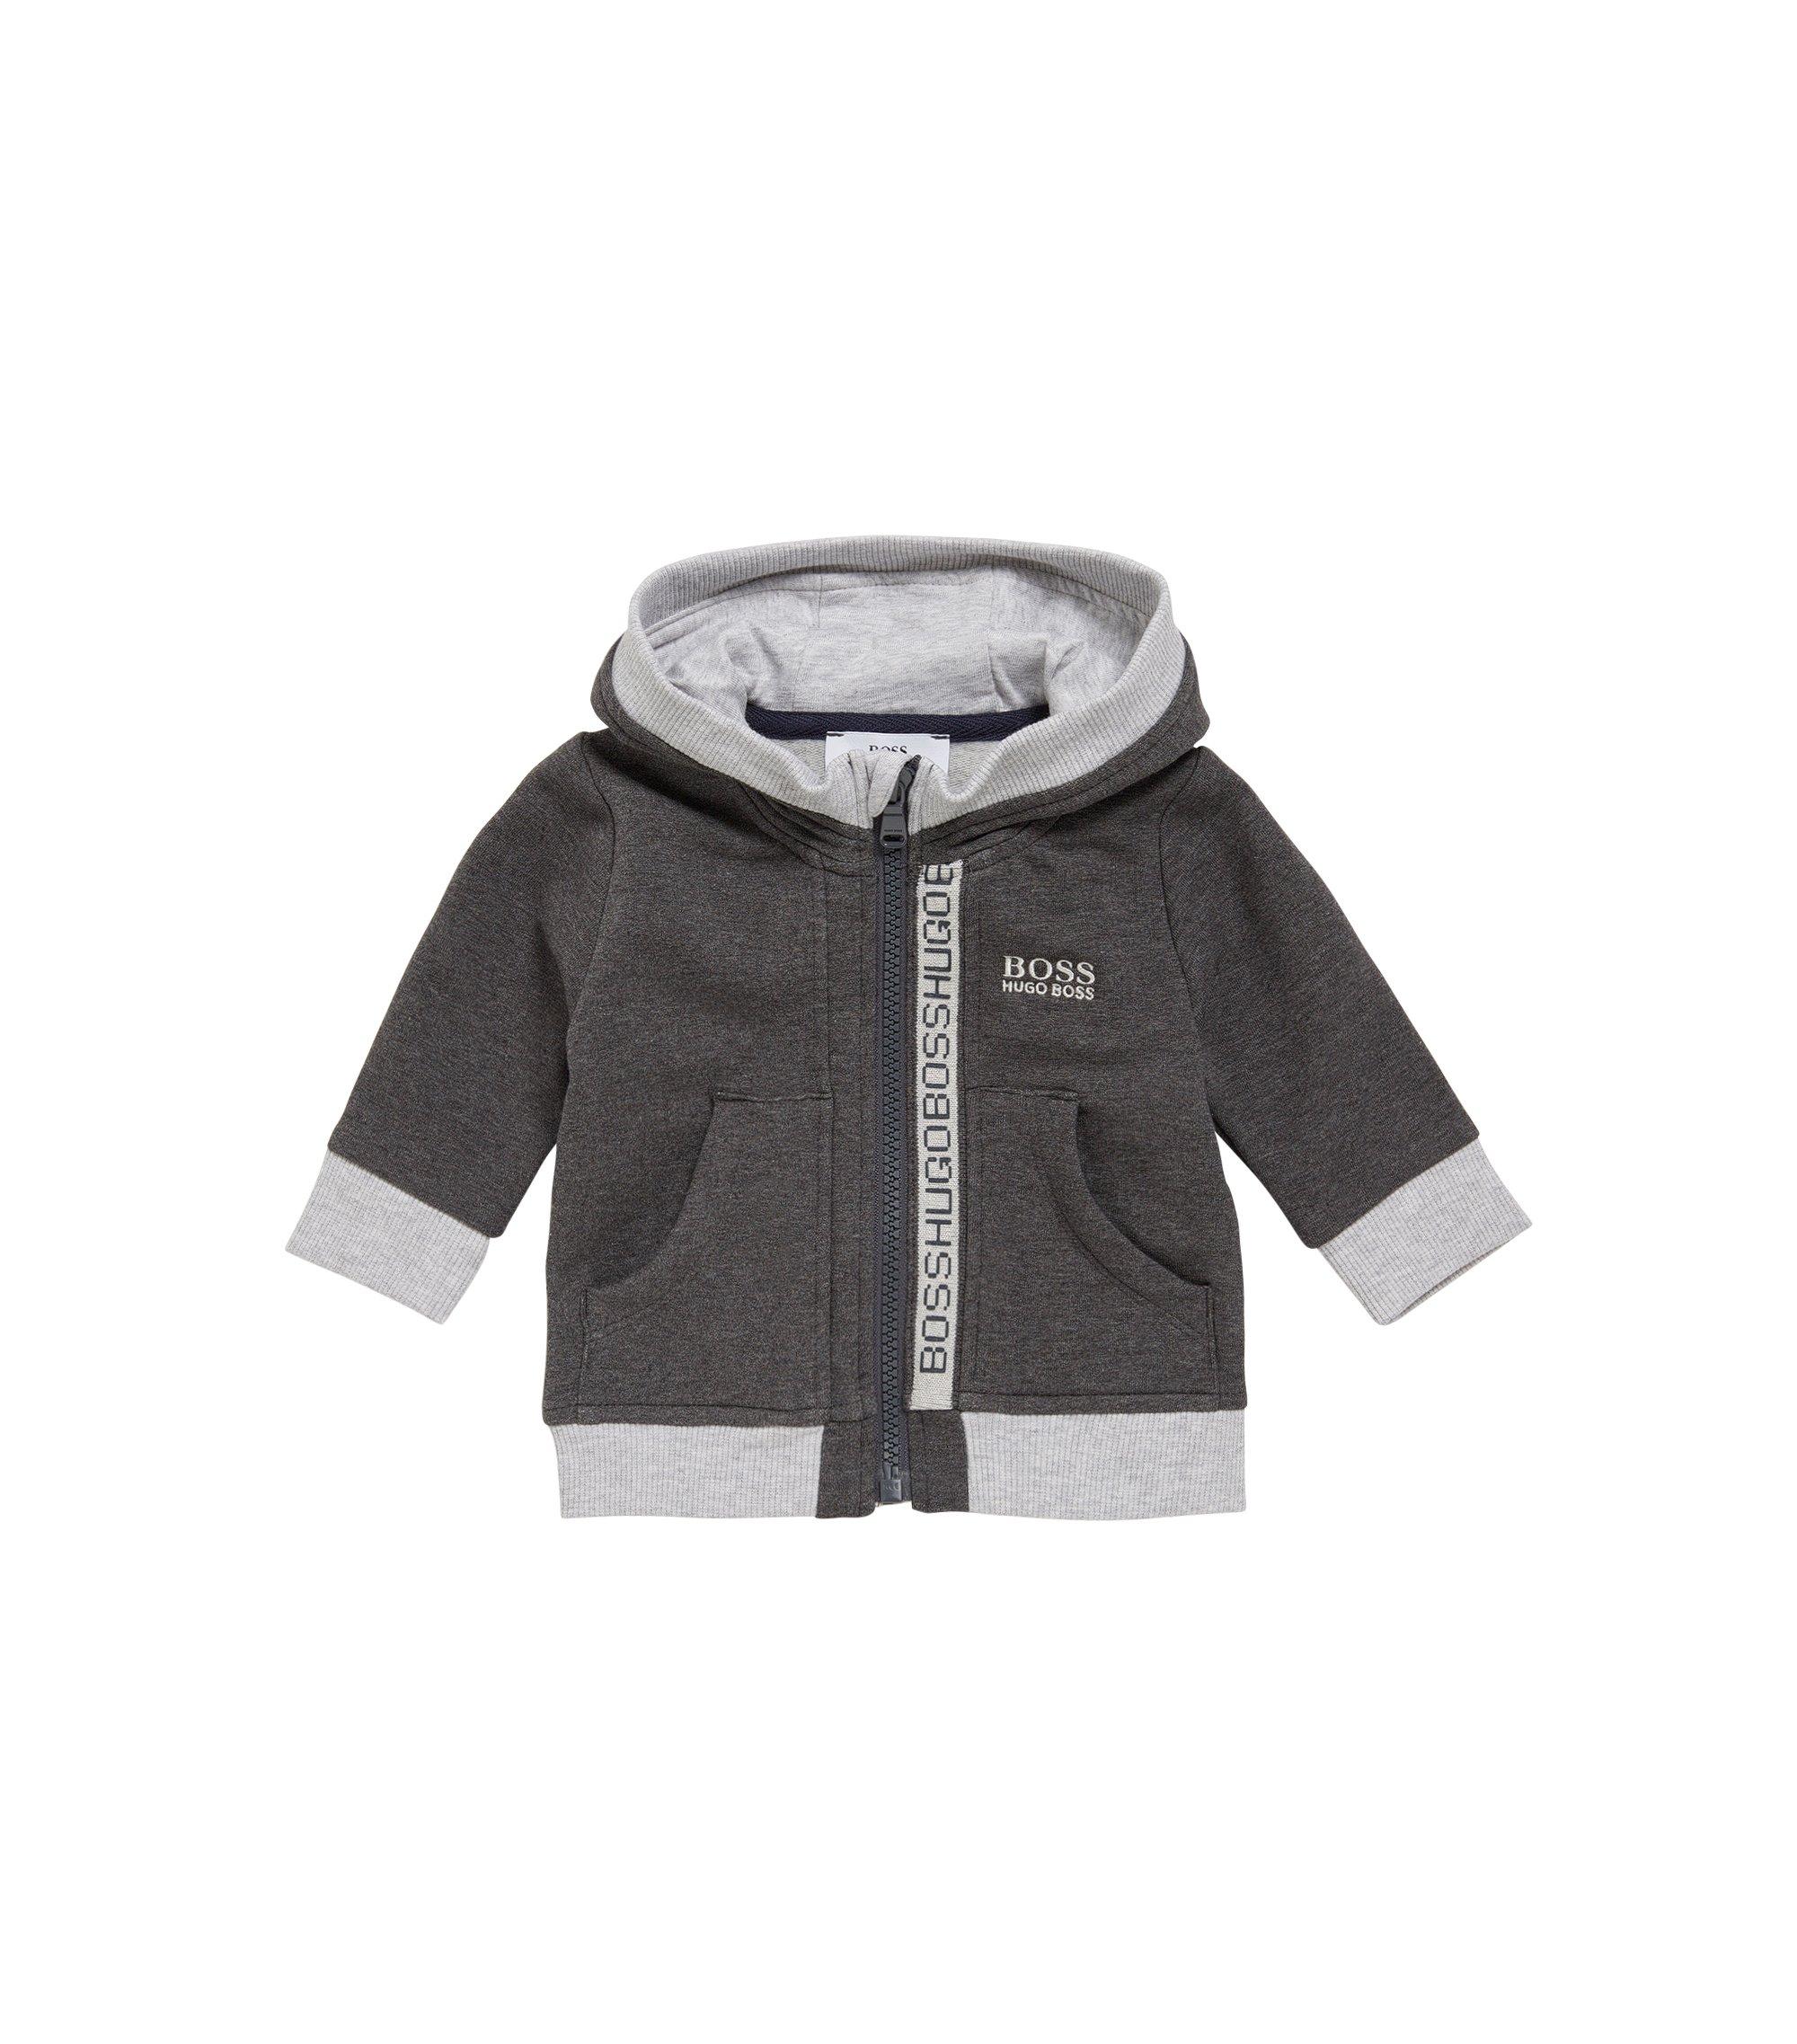 Kids' hooded jacket in stretch cotton blend: 'J05518', Dark Grey